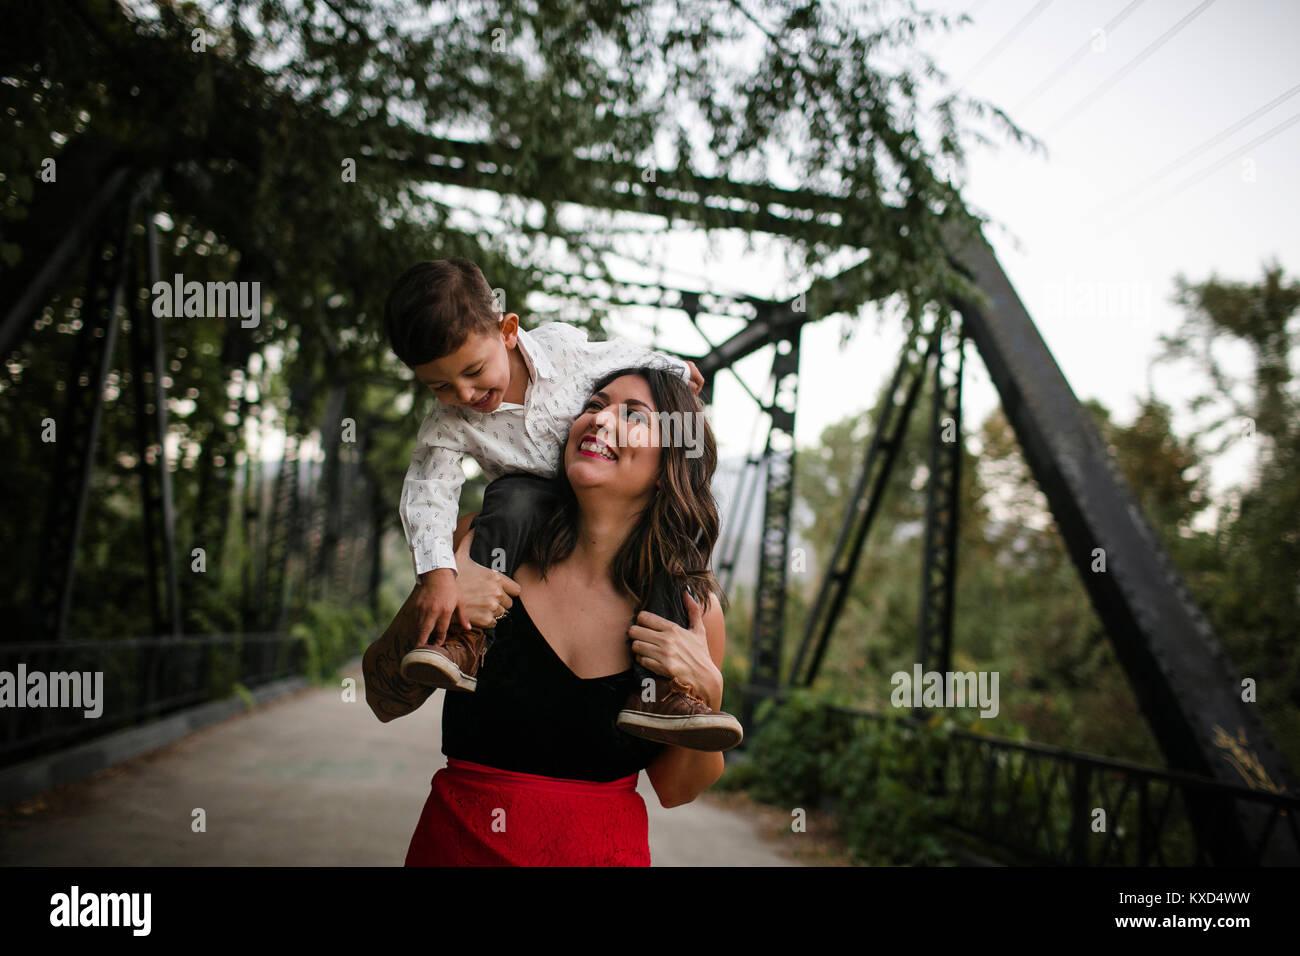 Fröhliche Mutter mit Sohn auf den Schultern am Steg Stockbild